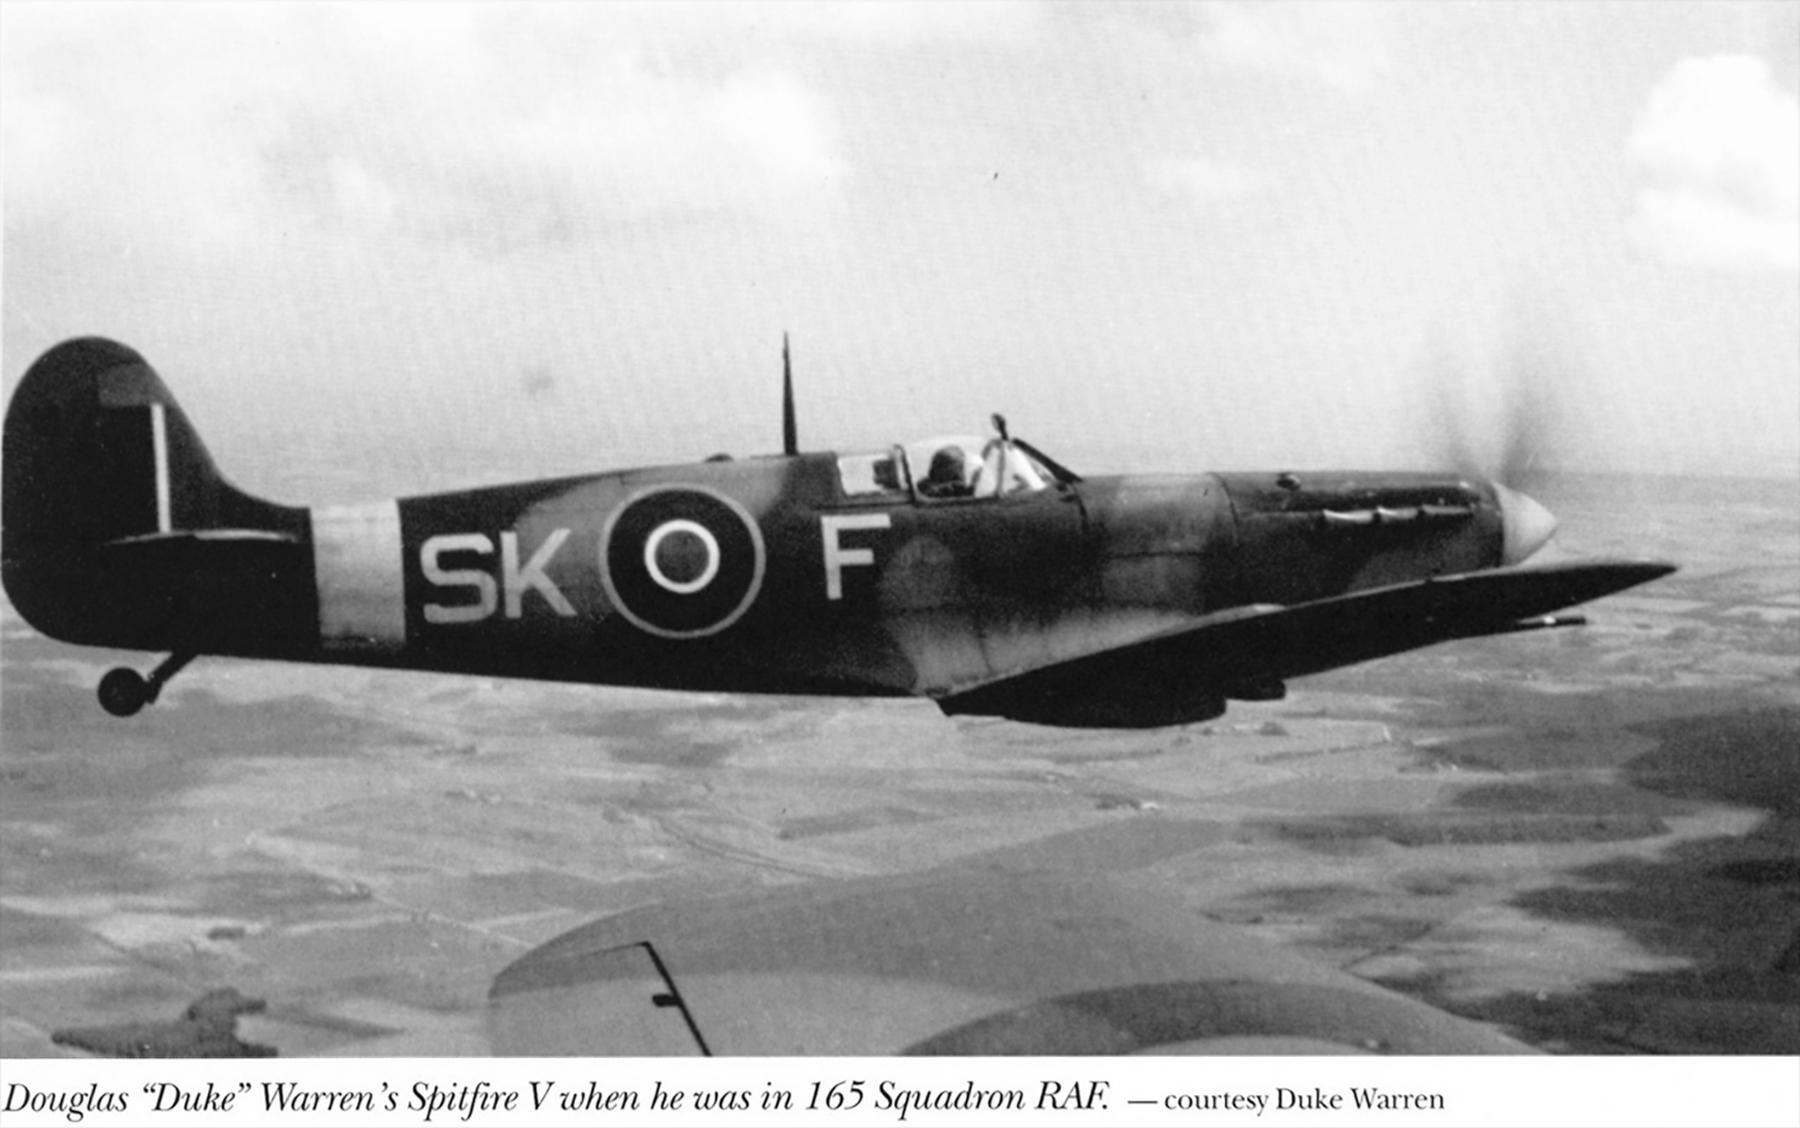 Spitfire MkVb RAF 165Sqn SKF Doug Duke Warren 1942 02